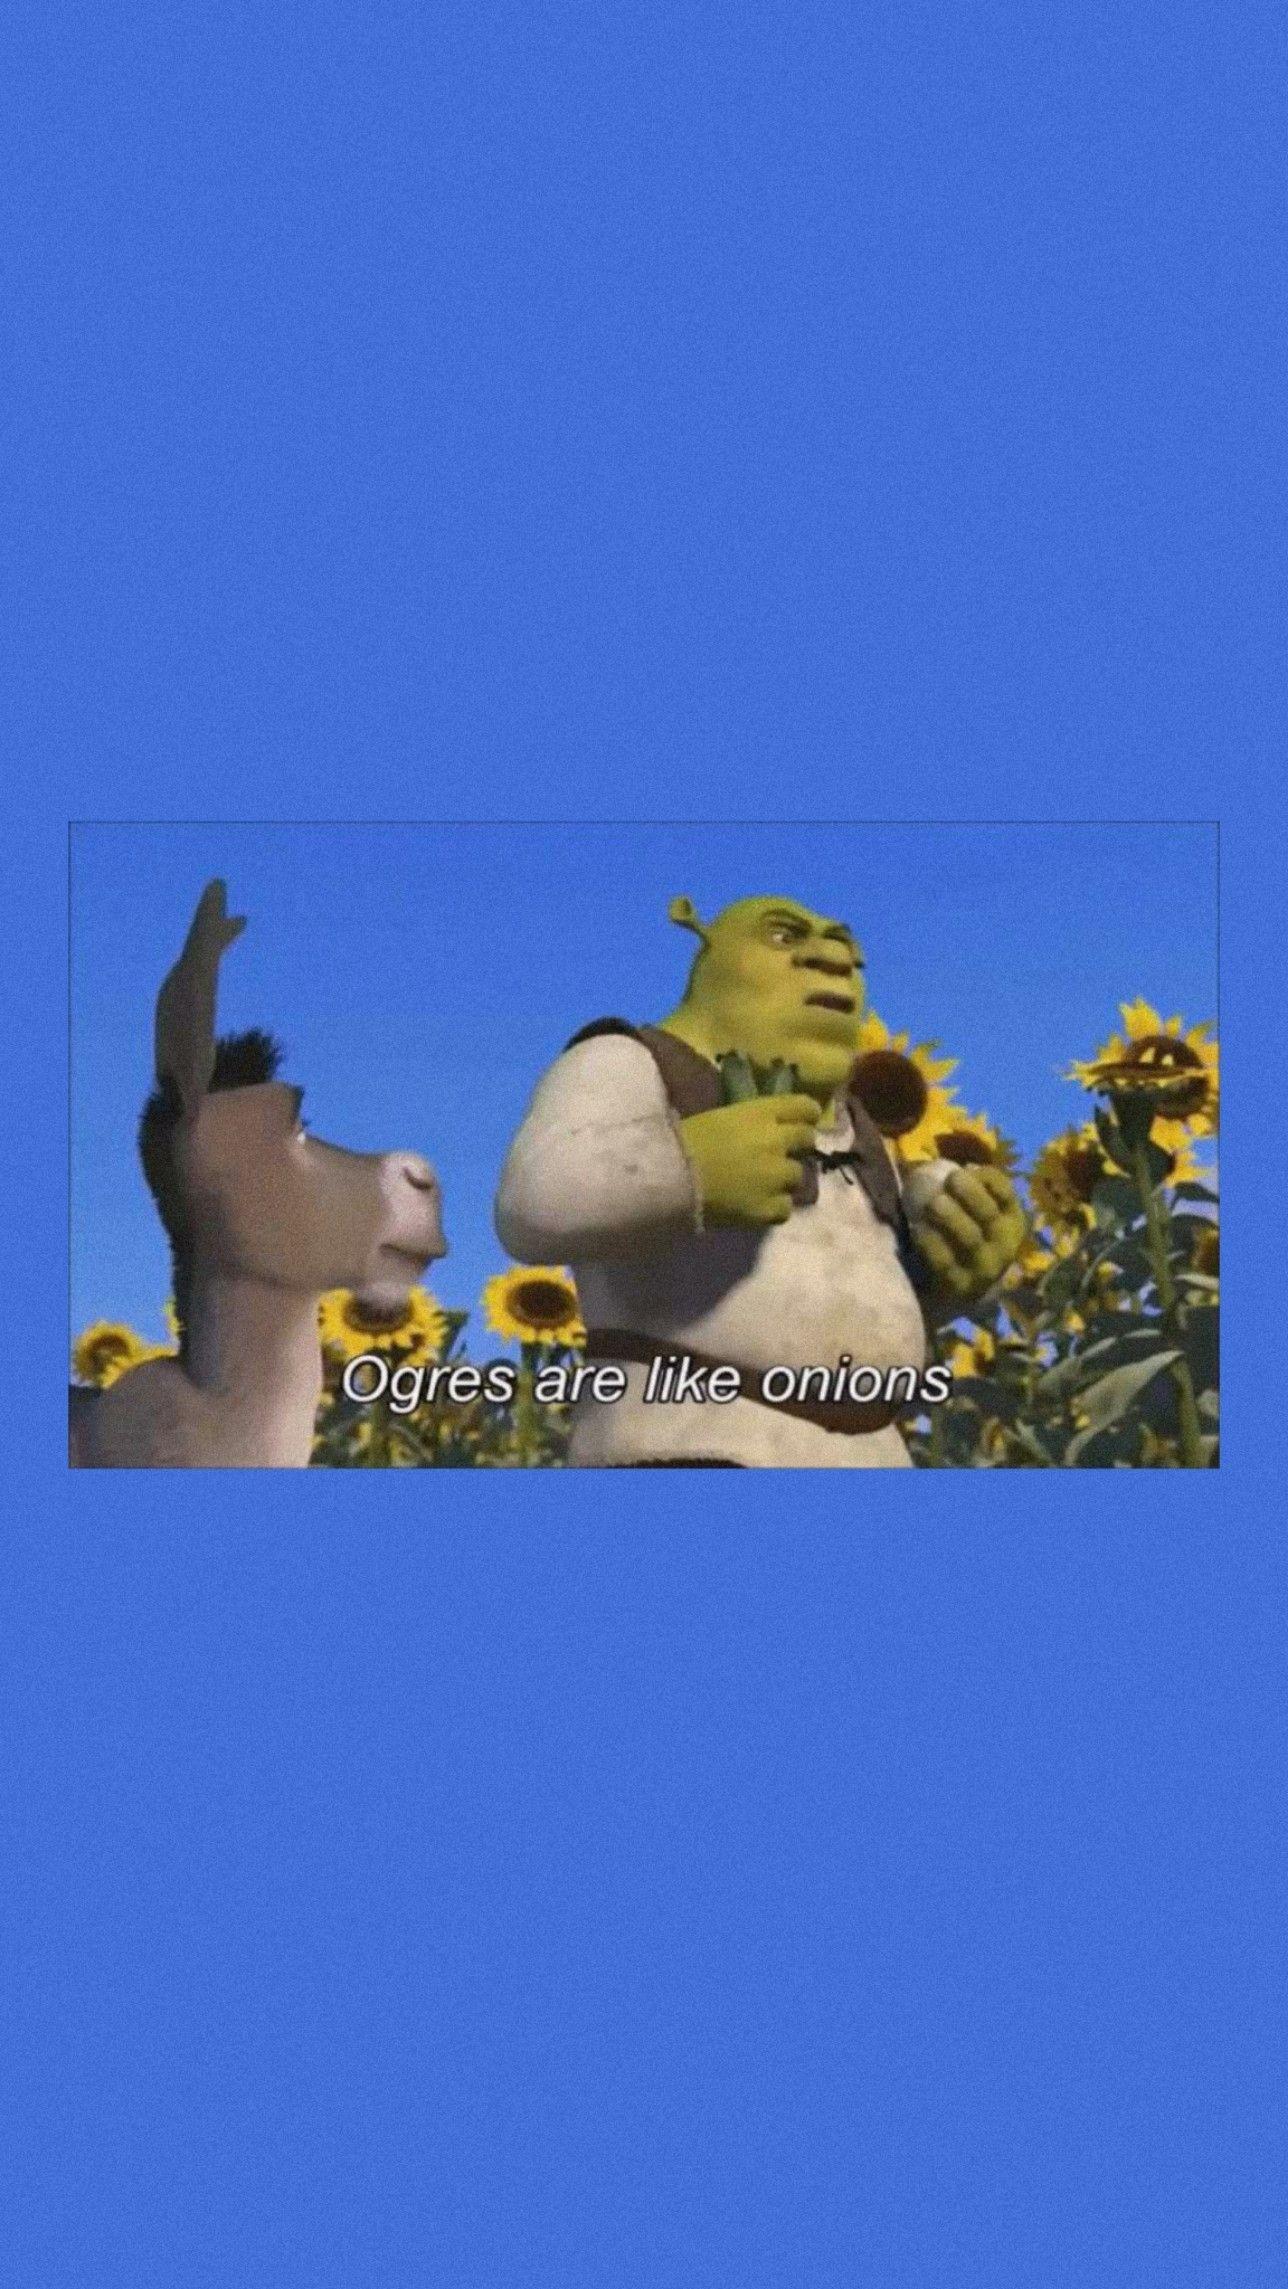 Shrek in 2020 Shrek, Funny wallpaper, Wallpaper